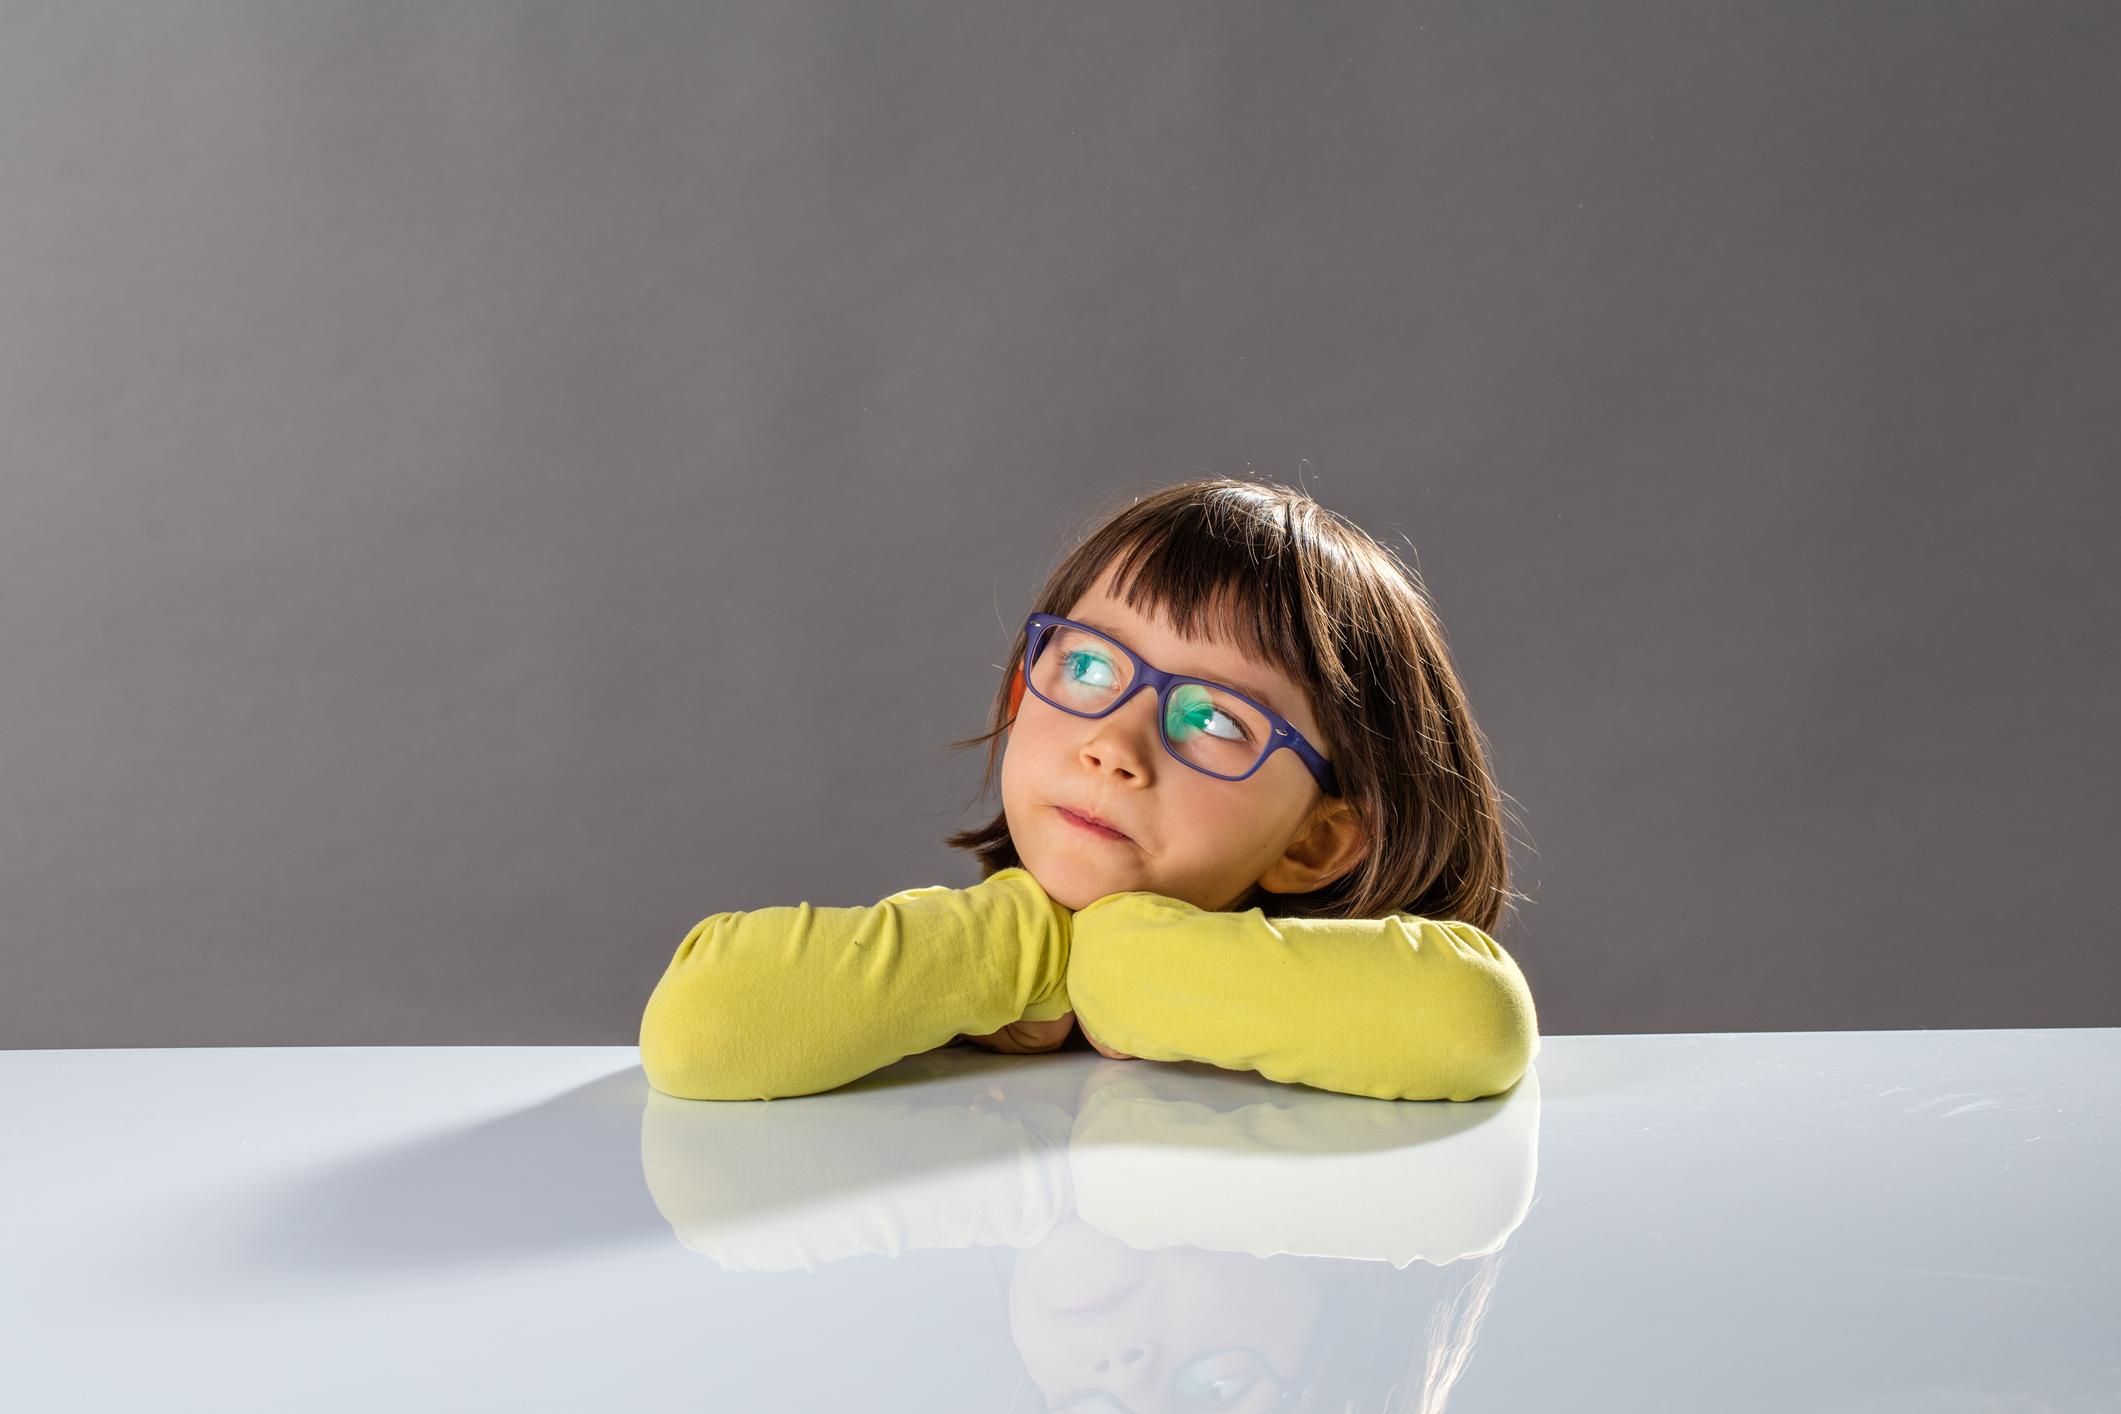 Los niños y su maravillosa desconfianza hacia Alexa y Siri